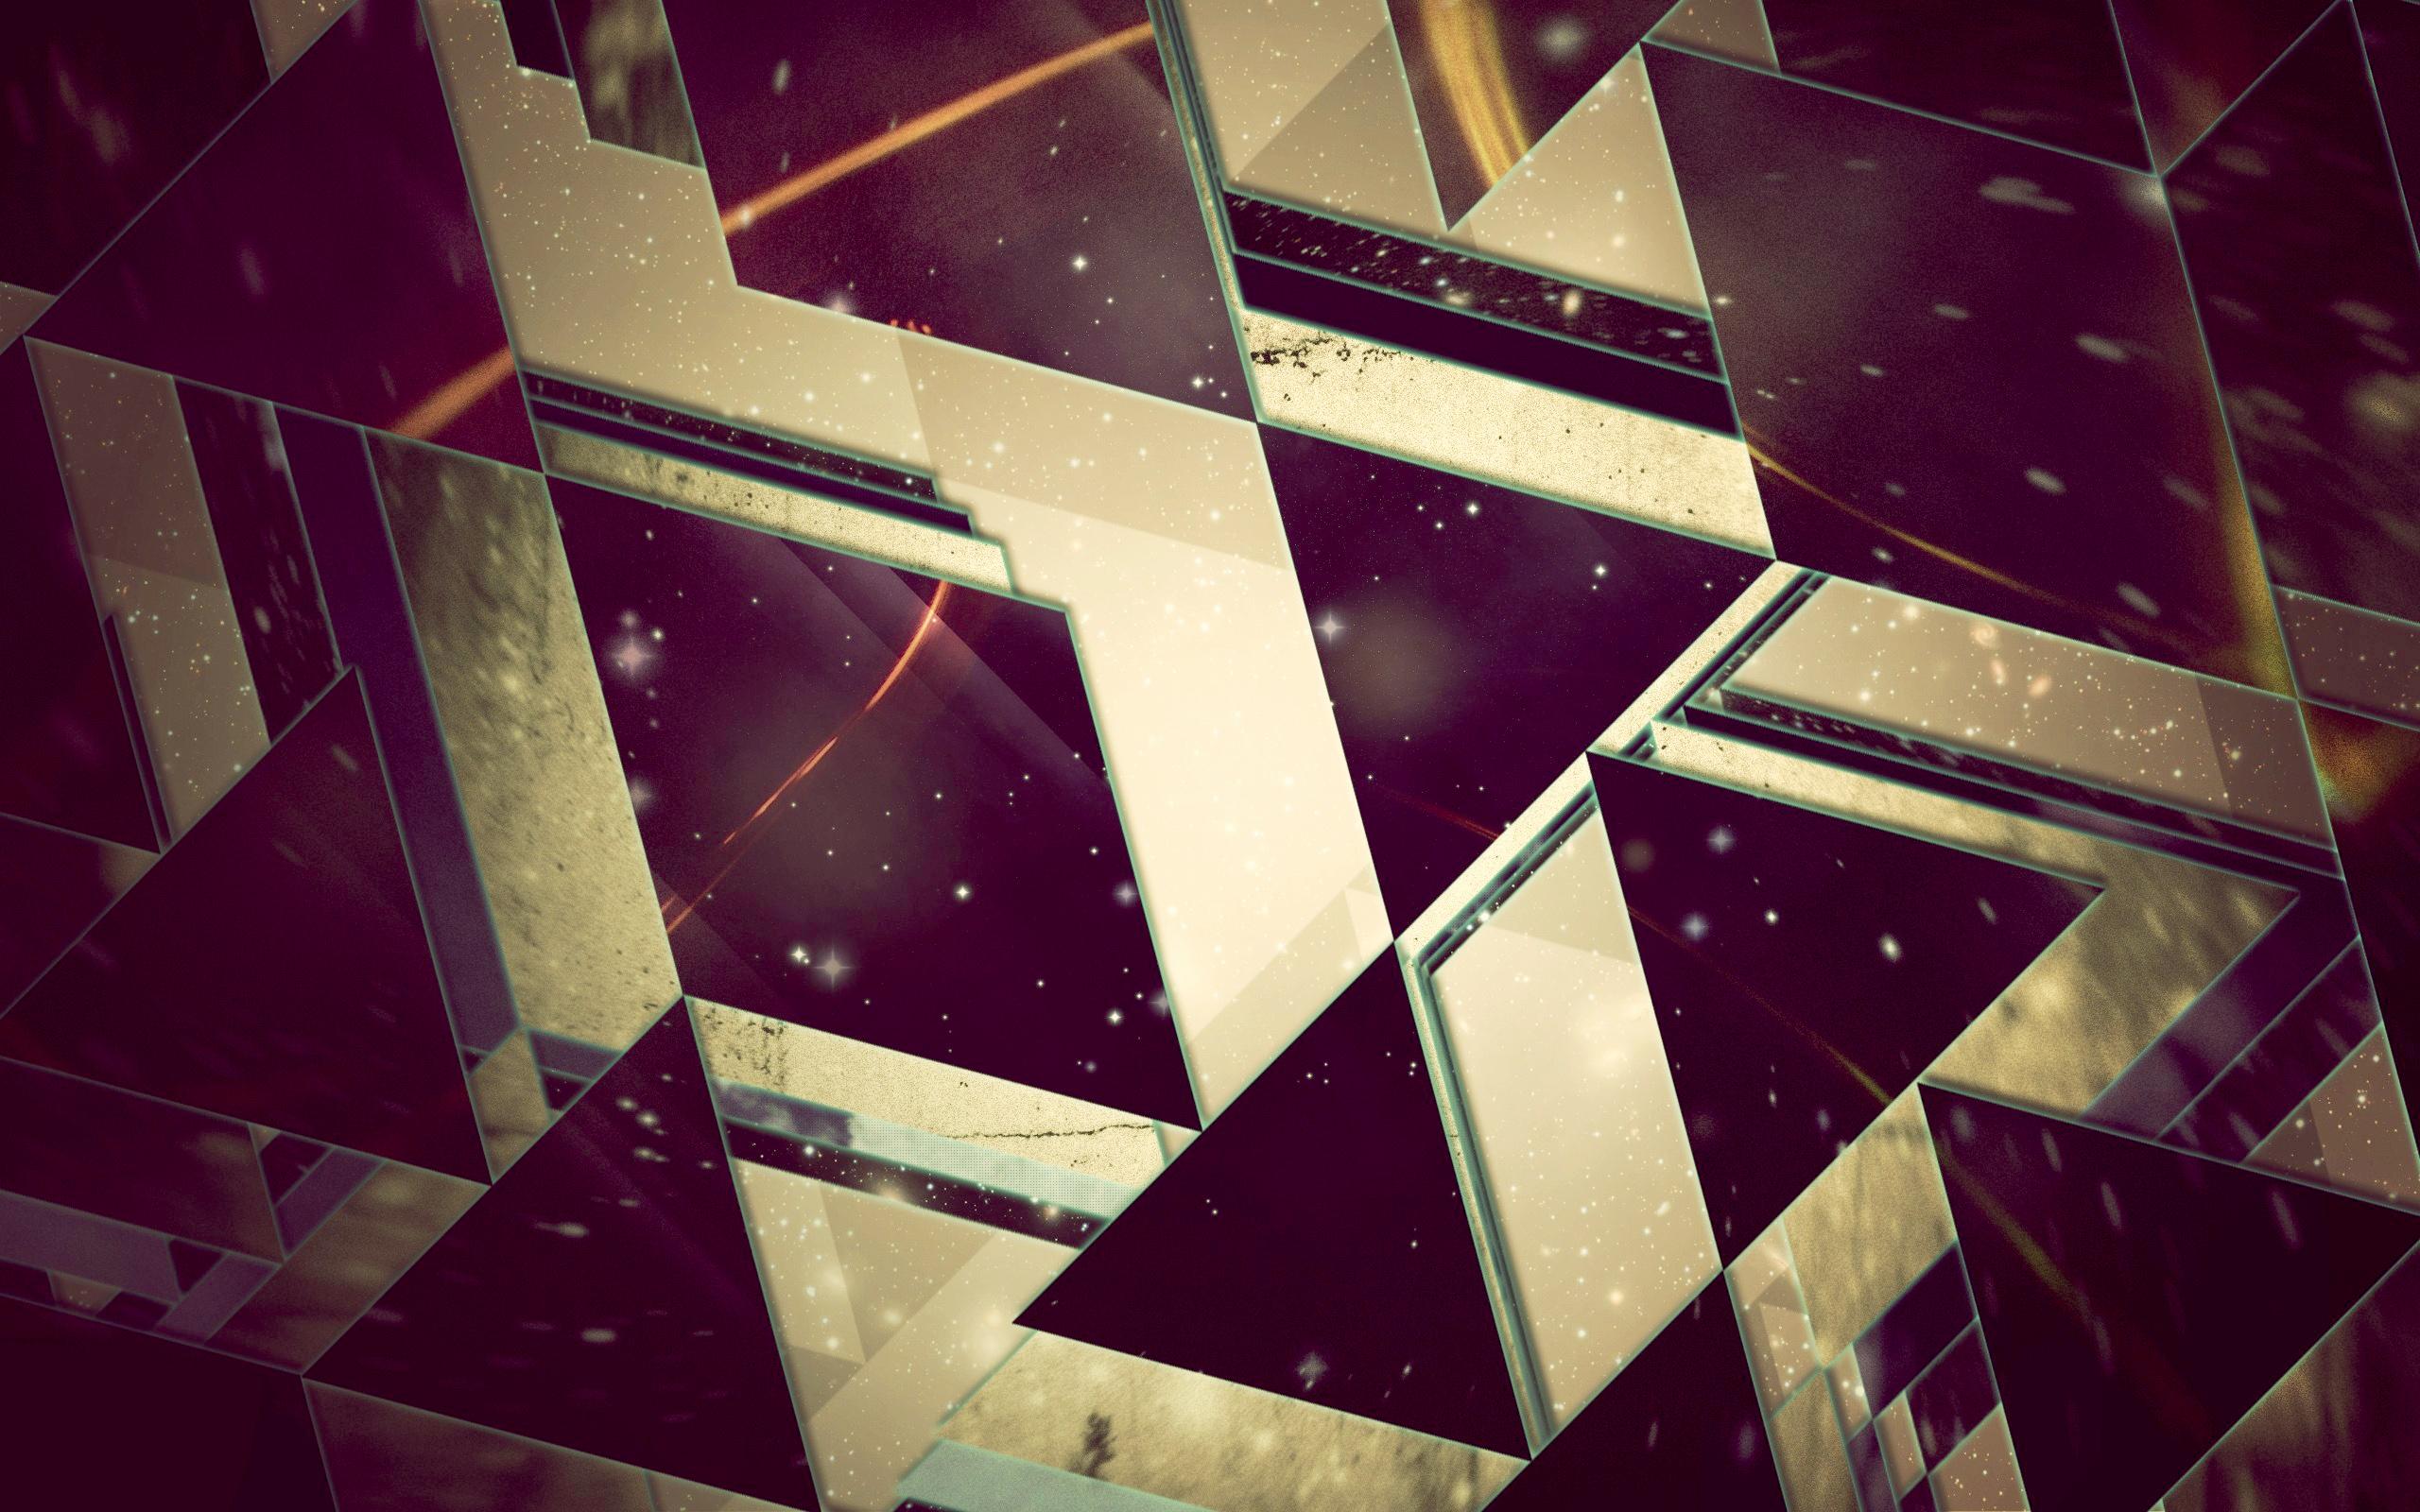 Треугольники, triangles, обои iphone абстракция, 2560 на 1600 пикселей